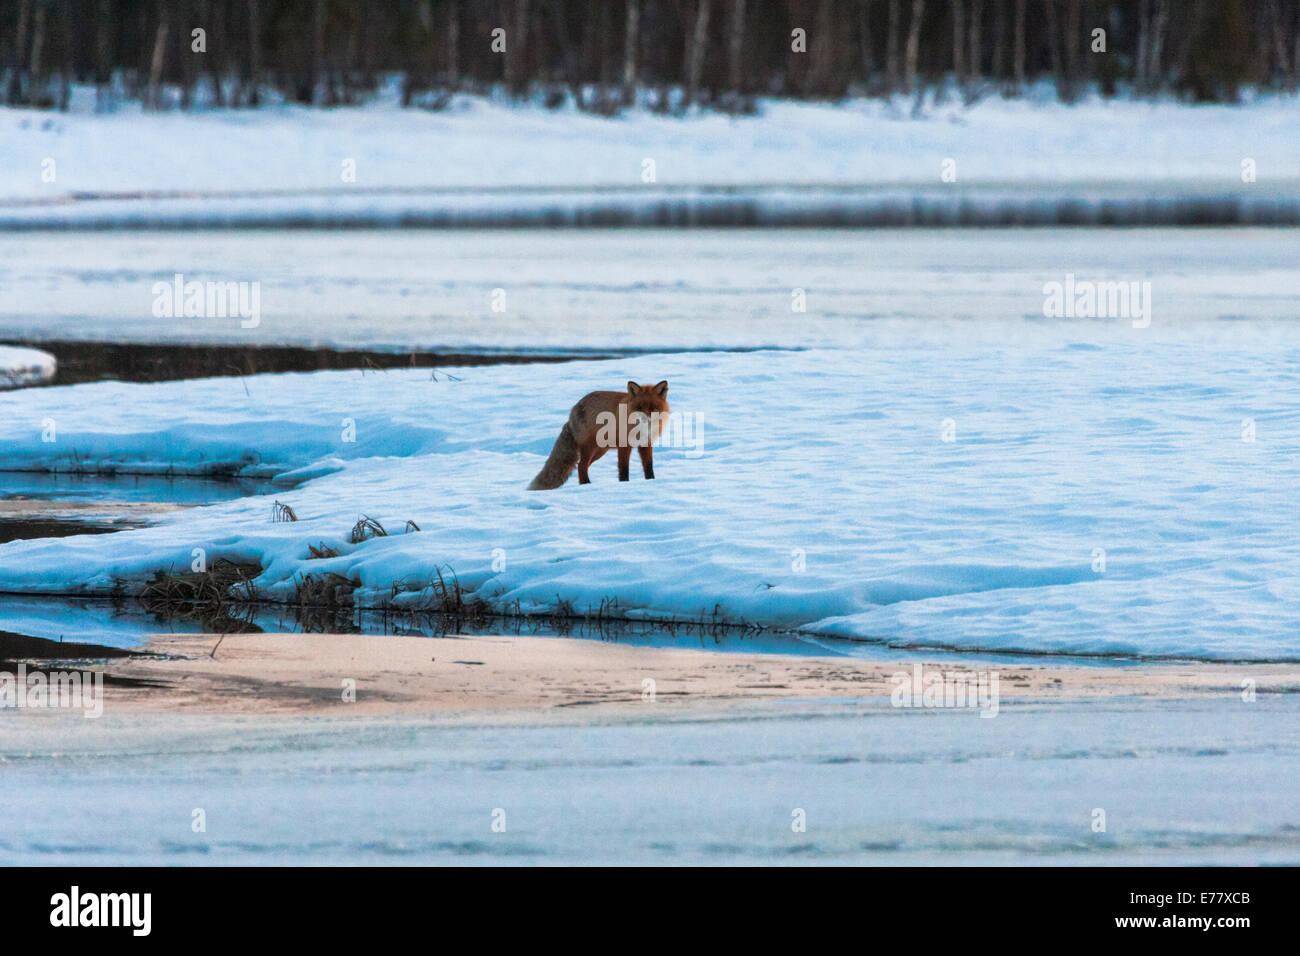 Redfox nel paesaggio invernale Immagini Stock